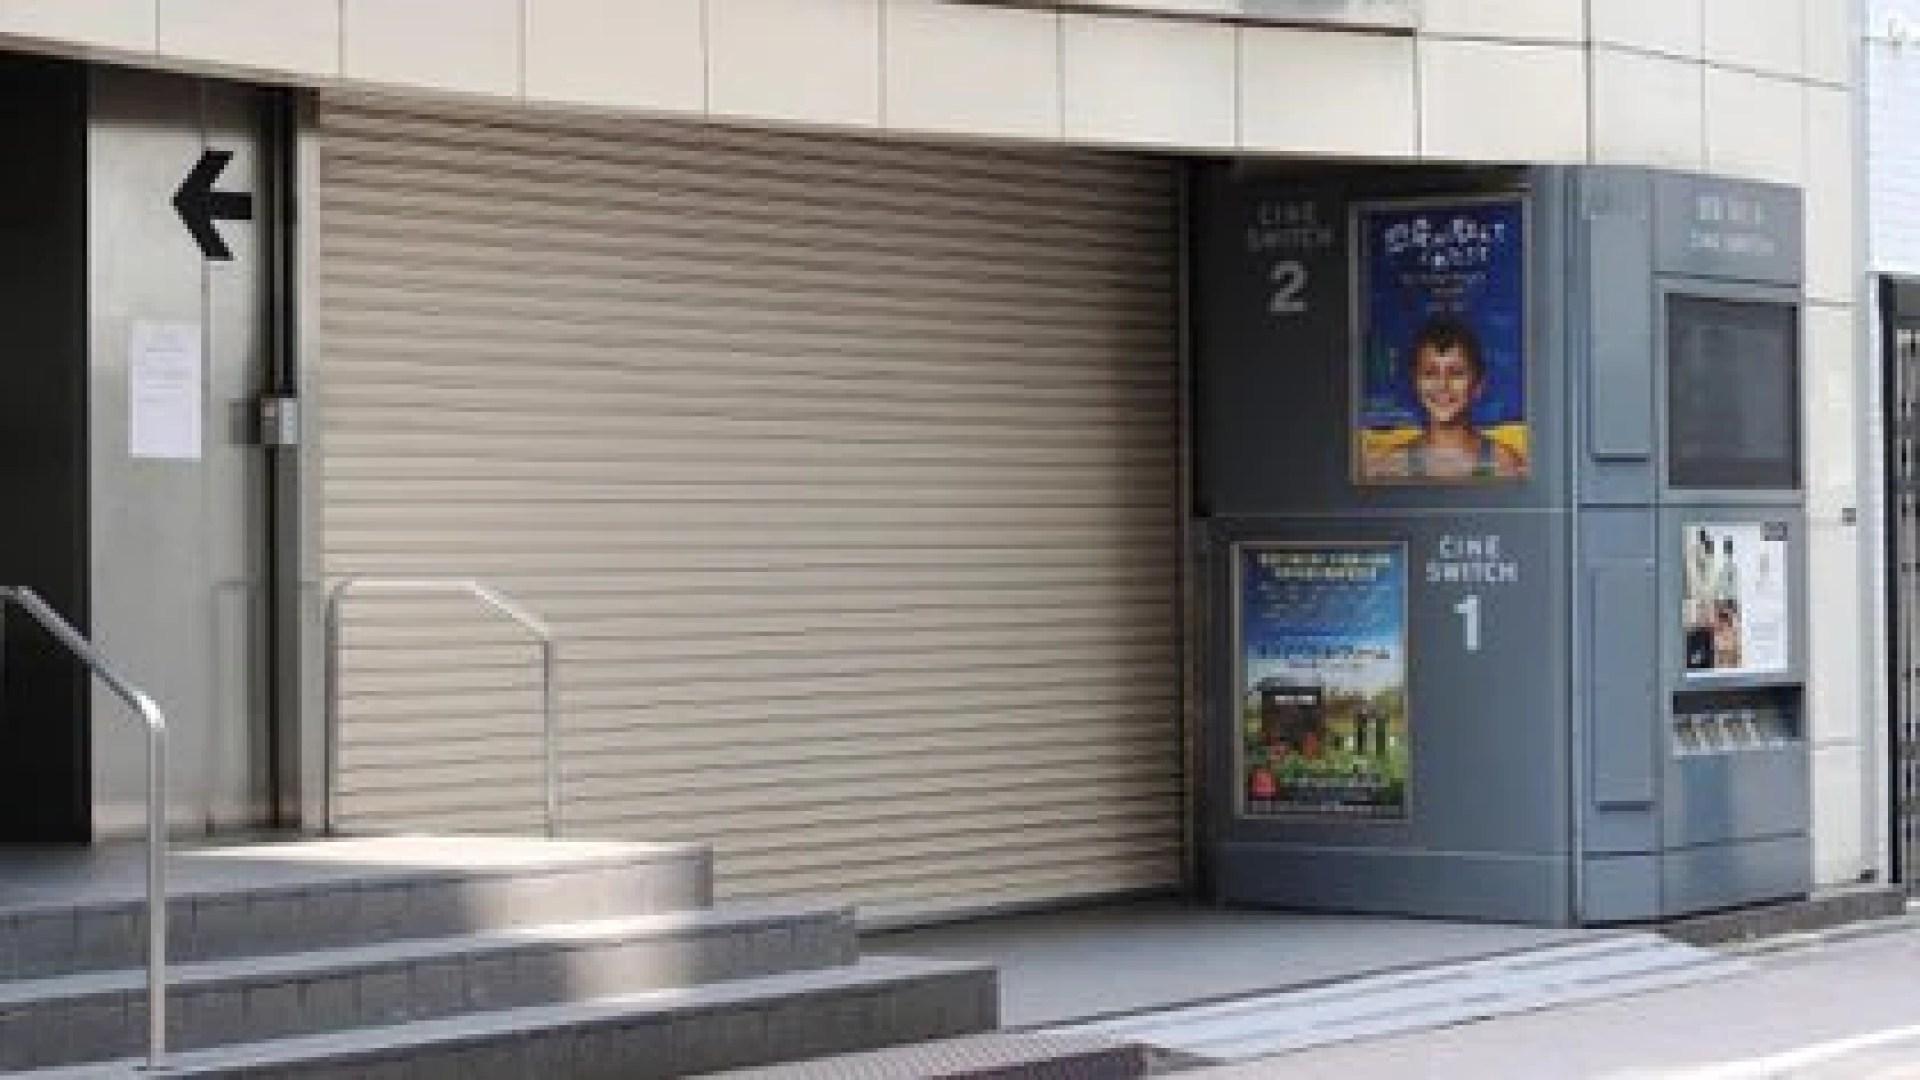 Algunas salas de cine de los Estados Unidos pudieron reabrir por unos días, pero tuvieron que volver a cerrar por los rebrotes (Shutterstock)